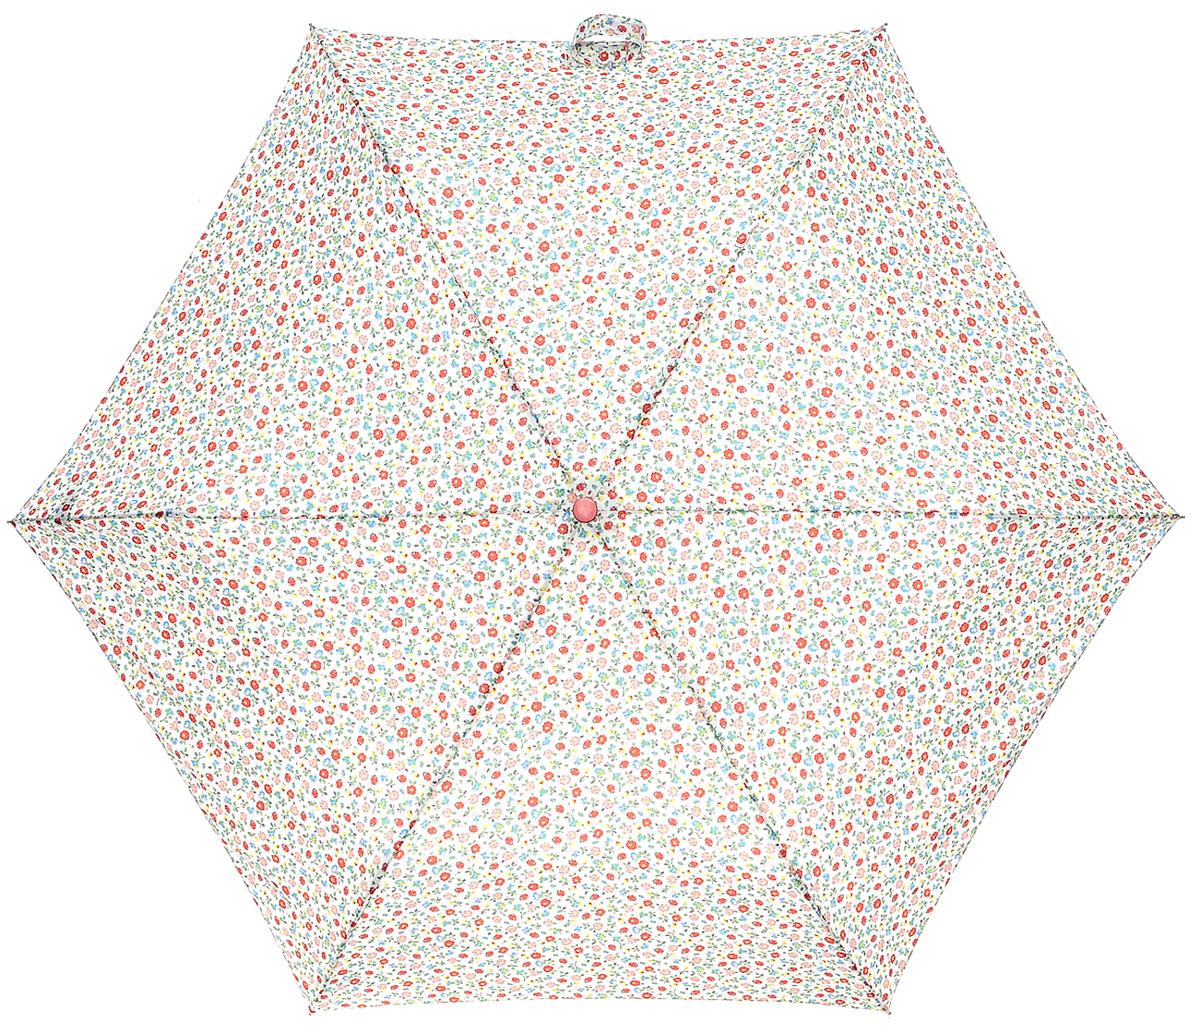 Зонт женский Cath Kidston Minilite, механический, 3 сложения, цвет: белый, мультиколор. L768-3136L768-3136 LadyBirdDitsyСтильный механический зонт Cath Kidston Minilite в 3 сложения даже в ненастную погоду позволит вам оставаться элегантной. Облегченный каркас зонта выполнен из 8 спиц из фибергласса и алюминия, стержень также изготовлен из алюминия, удобная рукоятка - из пластика. Купол зонта выполнен из прочного полиэстера. В закрытом виде застегивается хлястиком на липучке. Яркий оригинальный цветочный принт поднимет настроение в дождливый день. Зонт механического сложения: купол открывается и закрывается вручную до характерного щелчка. На рукоятке для удобства есть небольшой шнурок, позволяющий надеть зонт на руку тогда, когда это будет необходимо. К зонту прилагается чехол с небольшой нашивкой с названием бренда. Такой зонт компактно располагается в кармане, сумочке, дверке автомобиля.